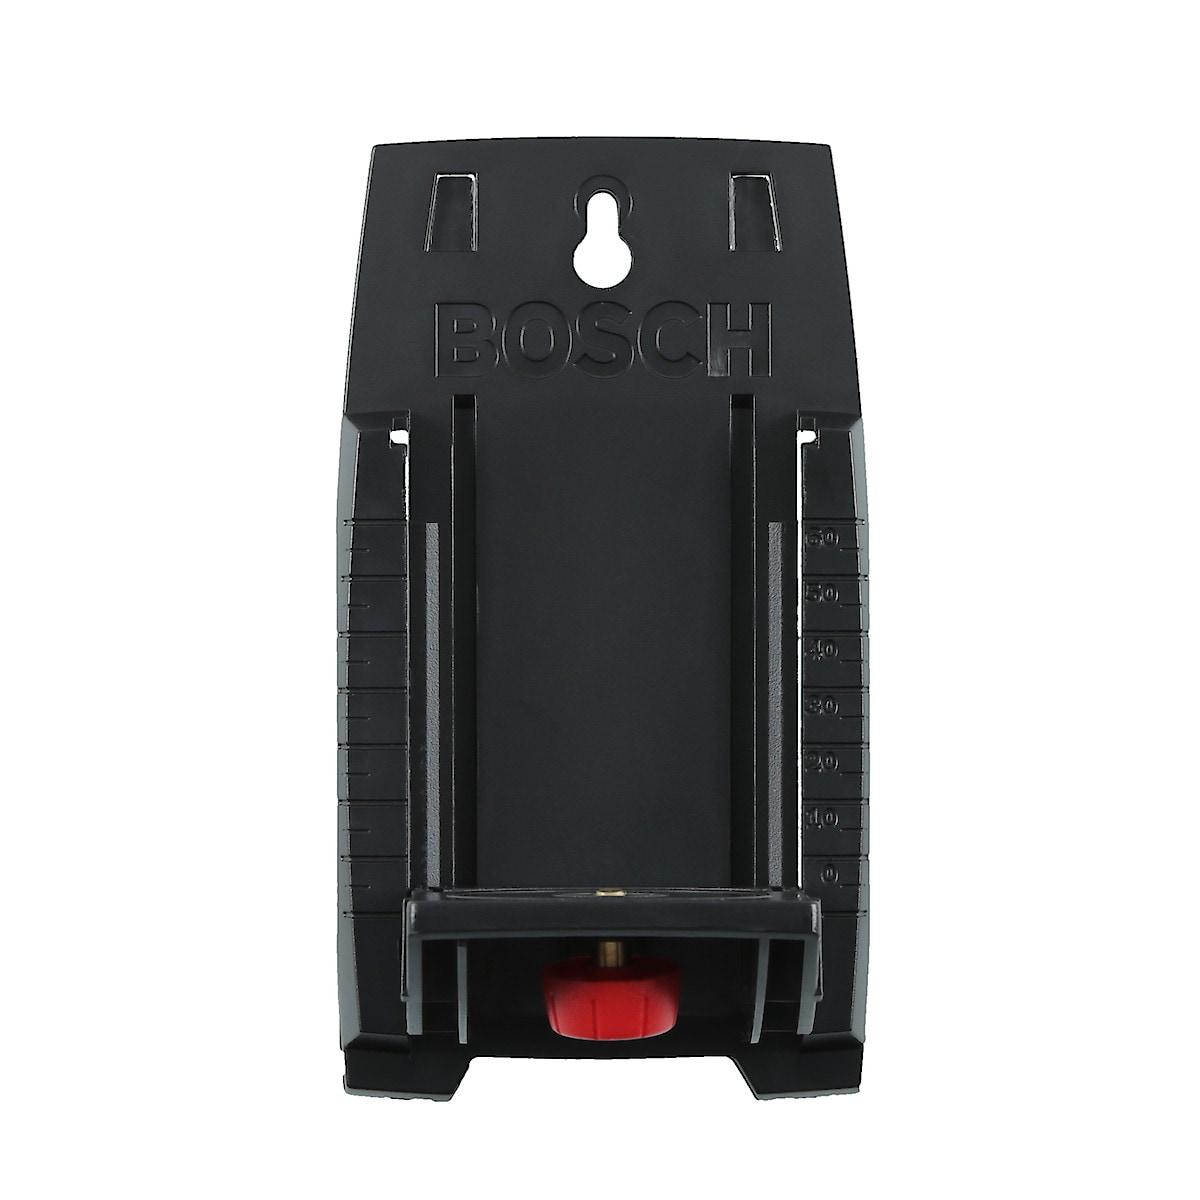 Väggfäste Bosch Laserpass